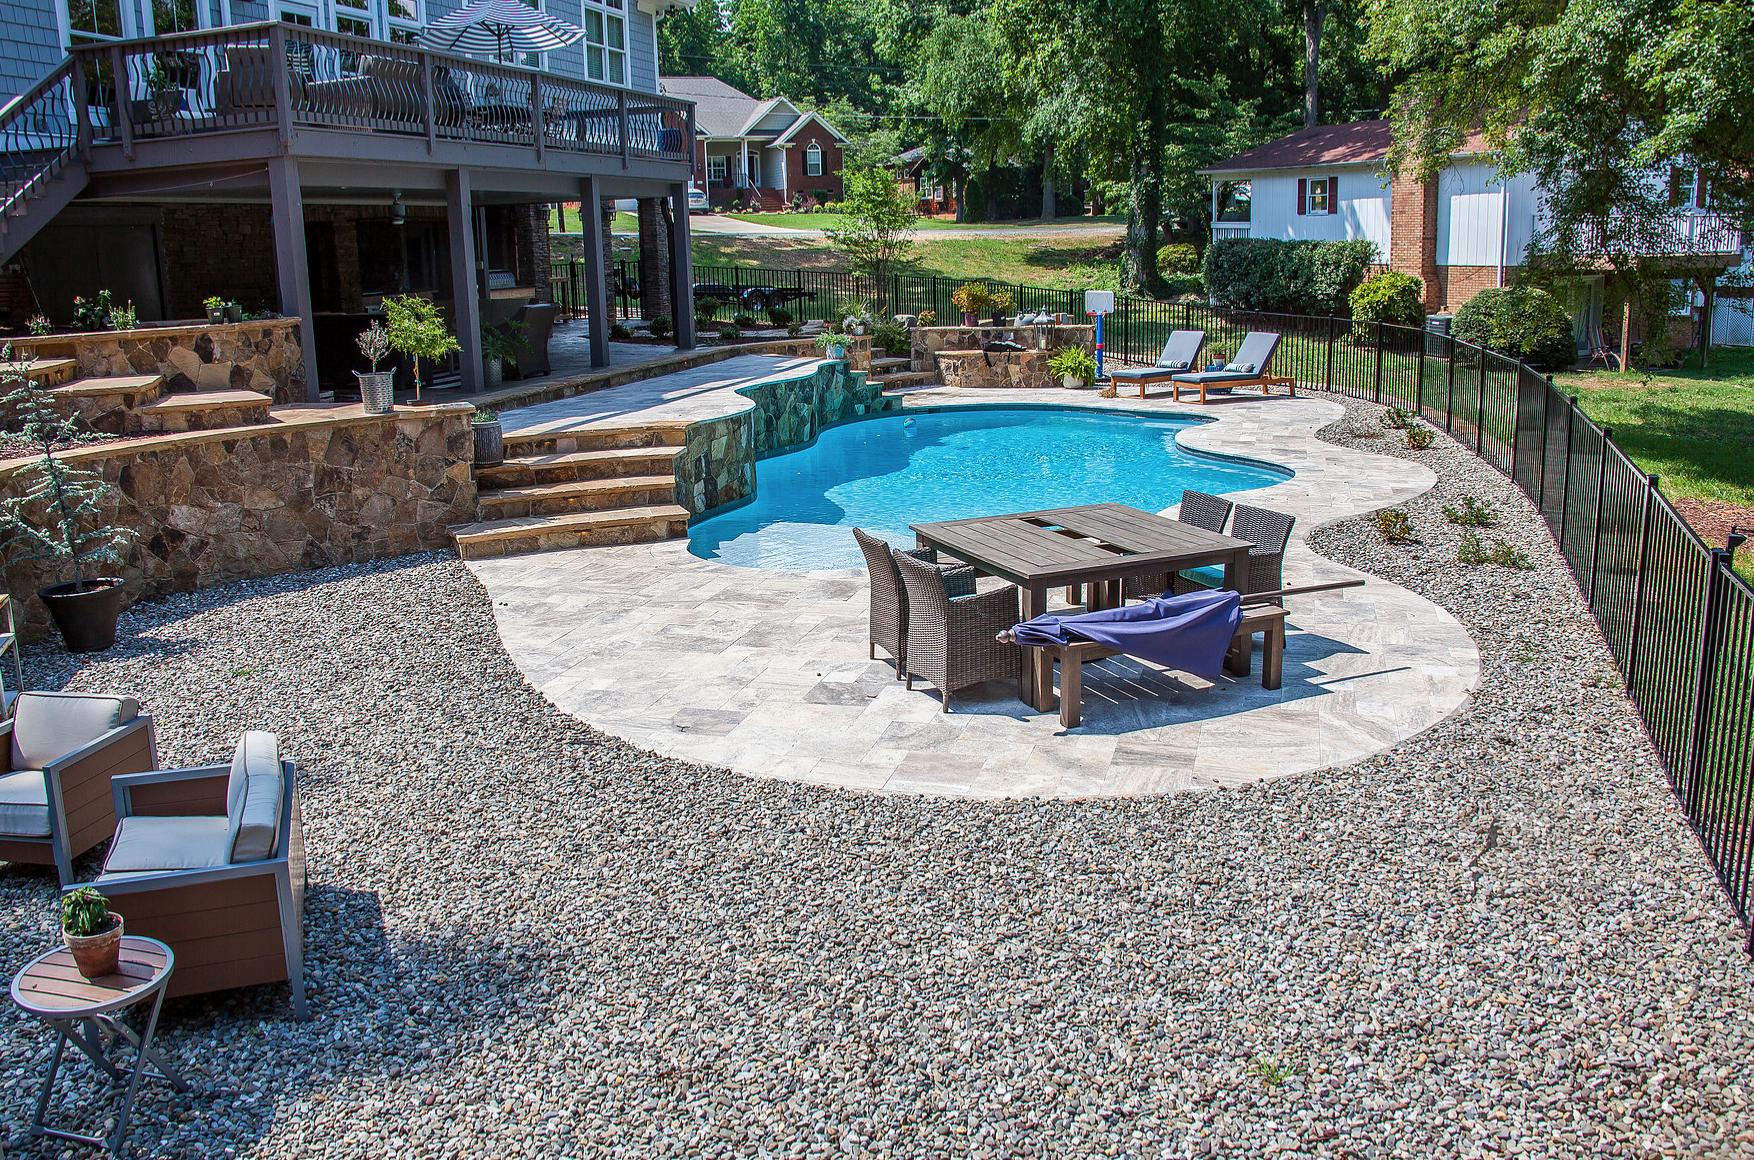 Fiberglass Swimming Pools Vs Concrete Swimming Pools Which